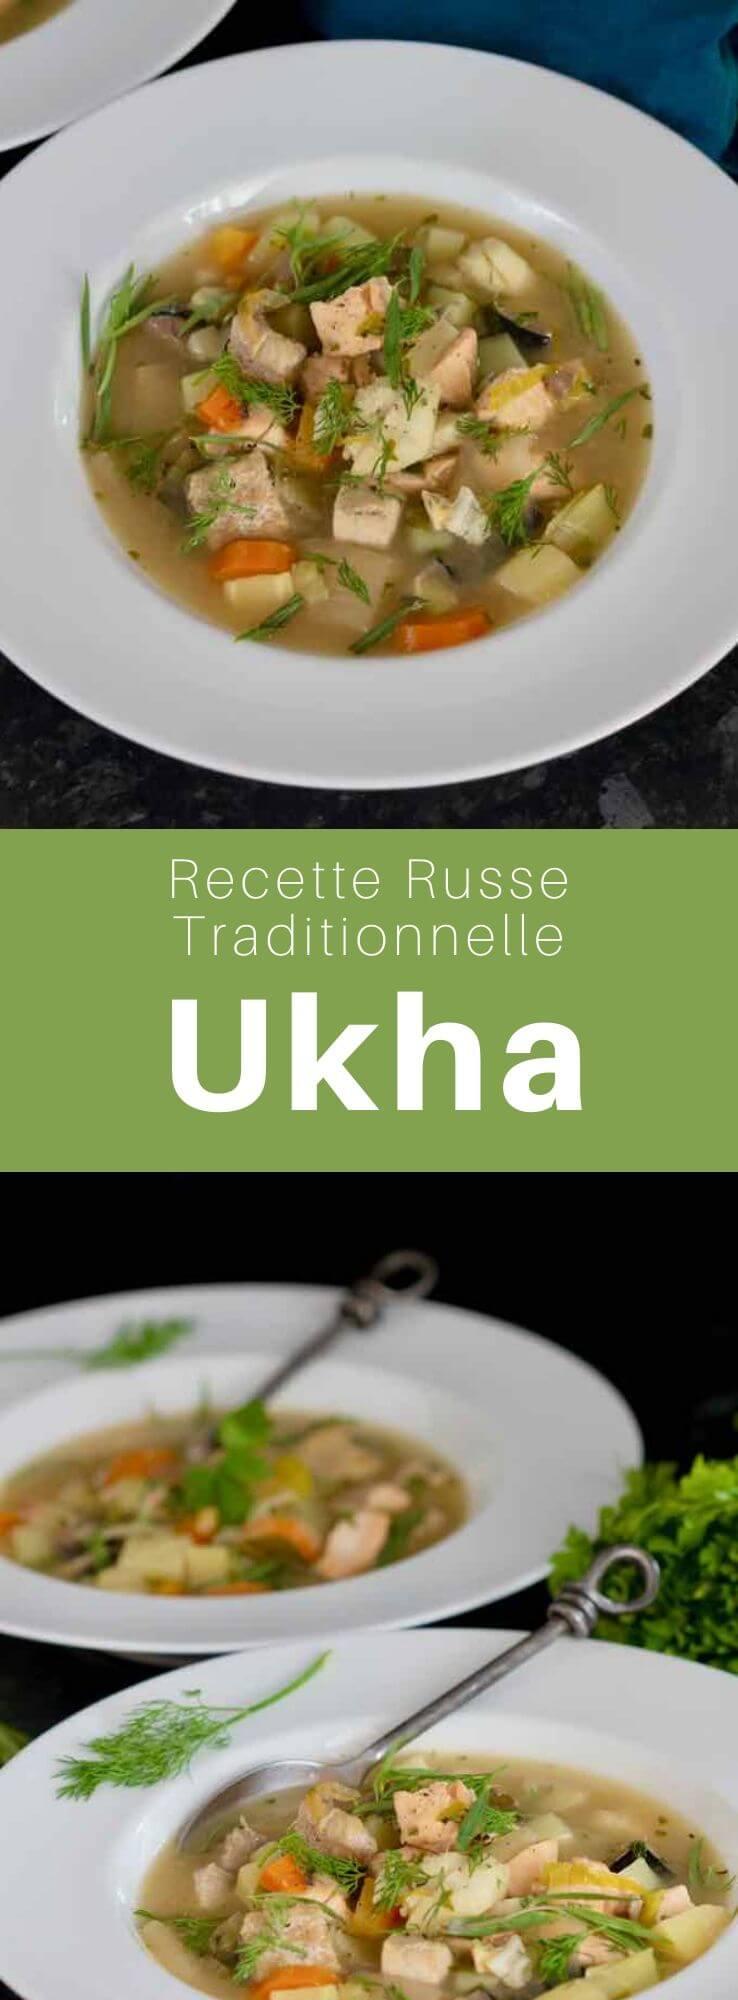 L'oukha (уха) est une soupe de poissons, agrémentée de poireau, pommes de terre, laurier, aneth, estragon et persil, traditionnelle de la cuisine russe. #Russie #RecetteRusse #CuisineRusse #CuisineDuMonde #196flavors